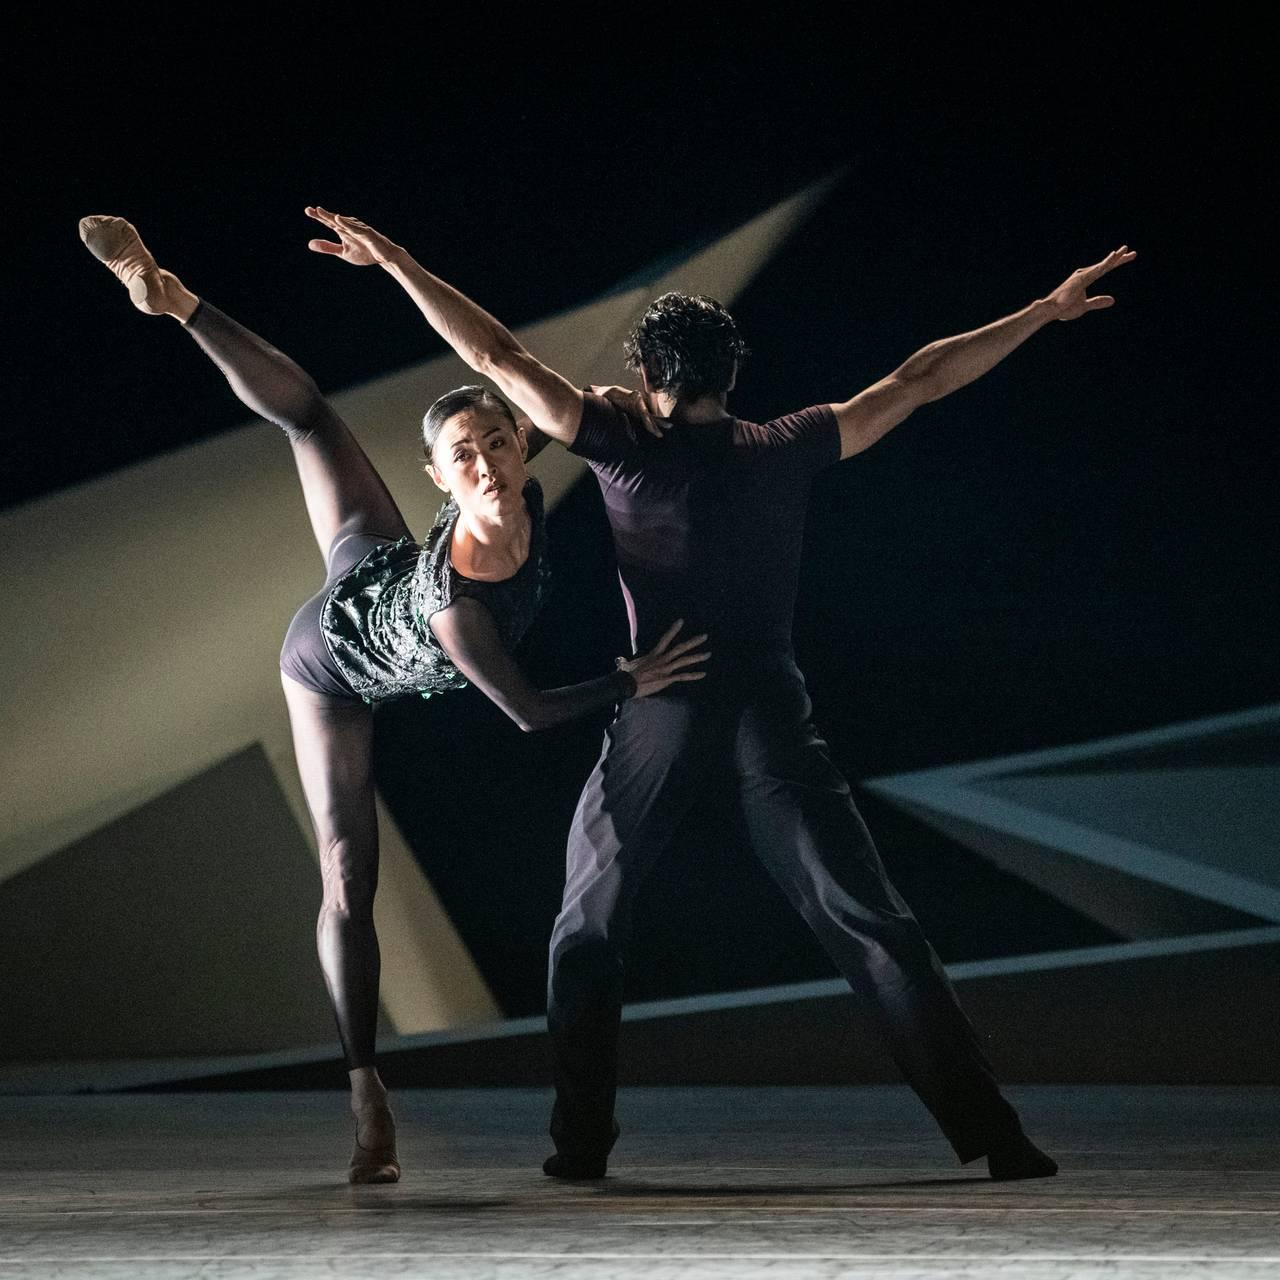 Maiko Nishino og Lucas Lima i ballettforestillingen